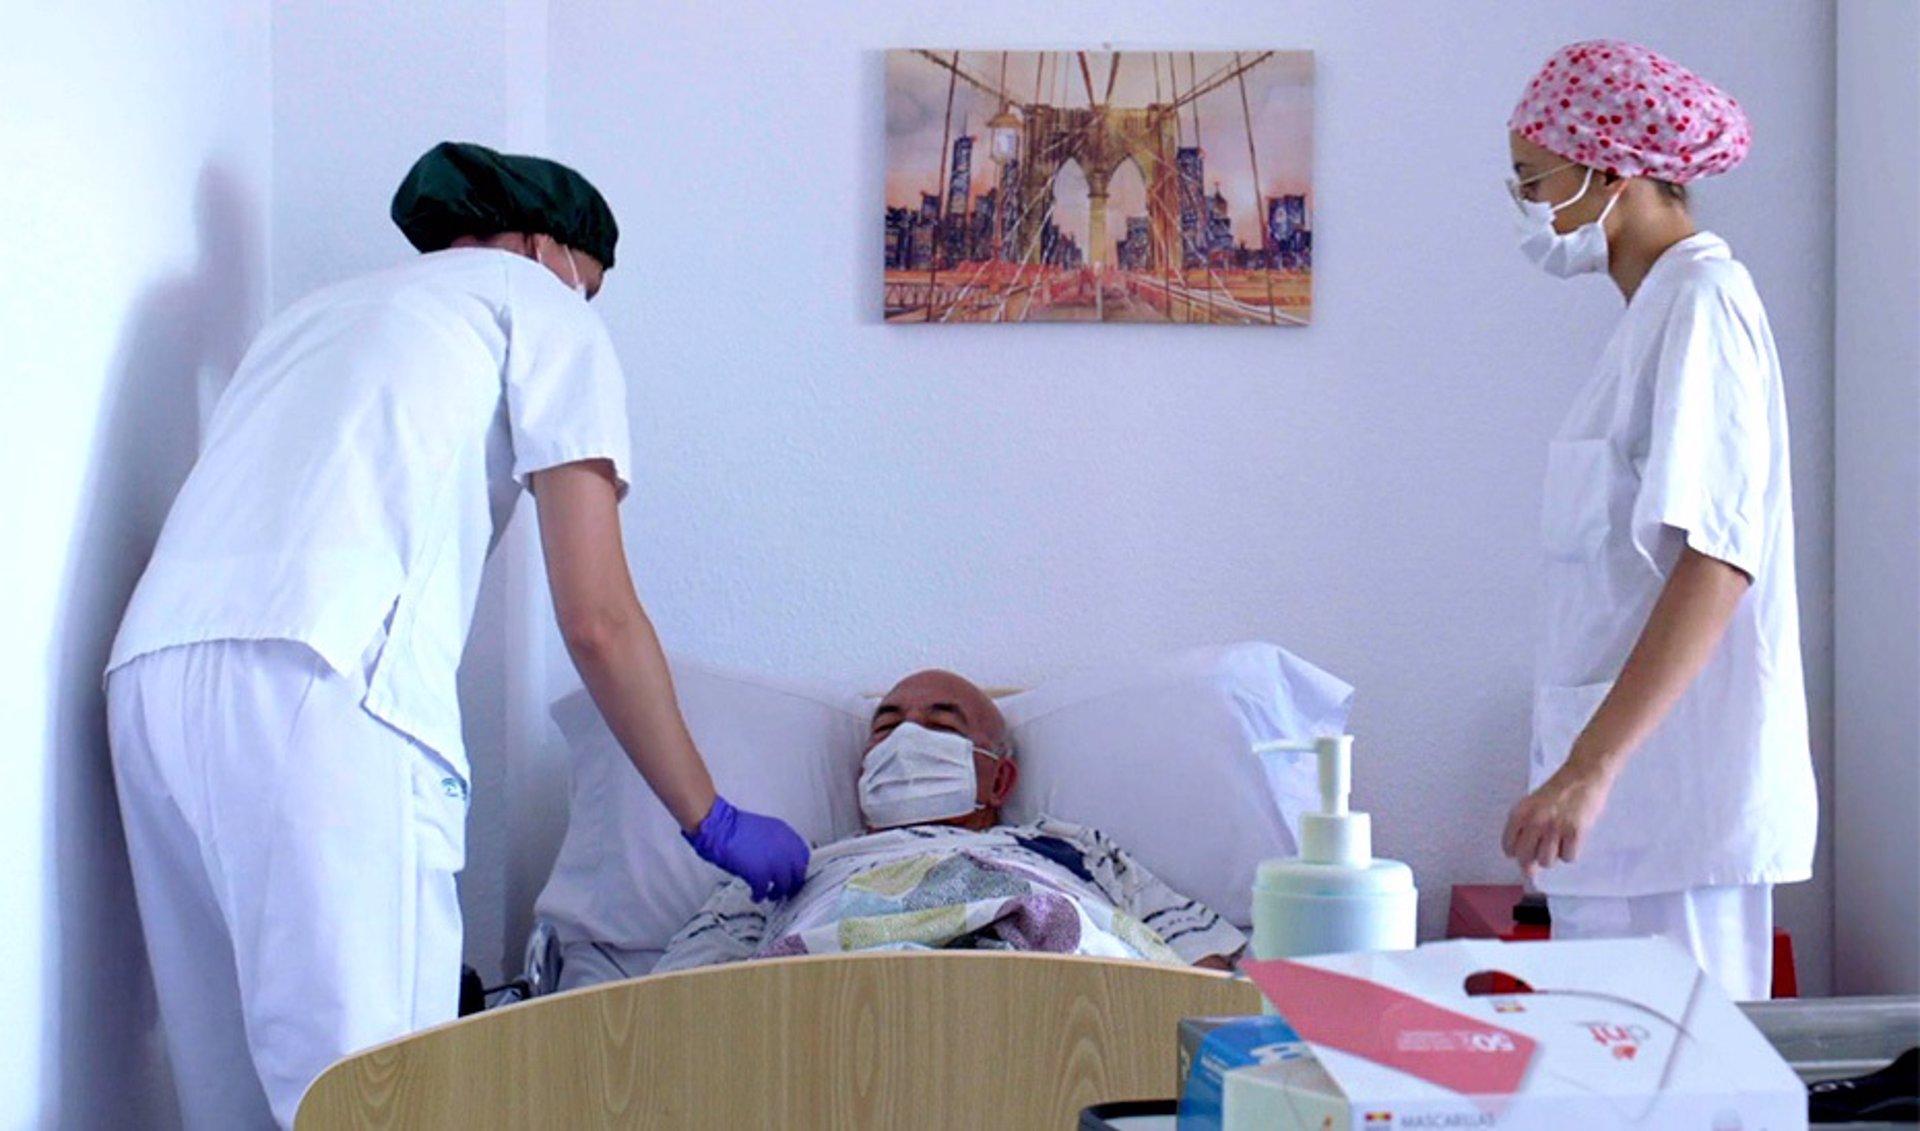 Andalucía prorroga las medidas vigentes de Salud Pública y reforzará la vigilancia en residencias de mayores